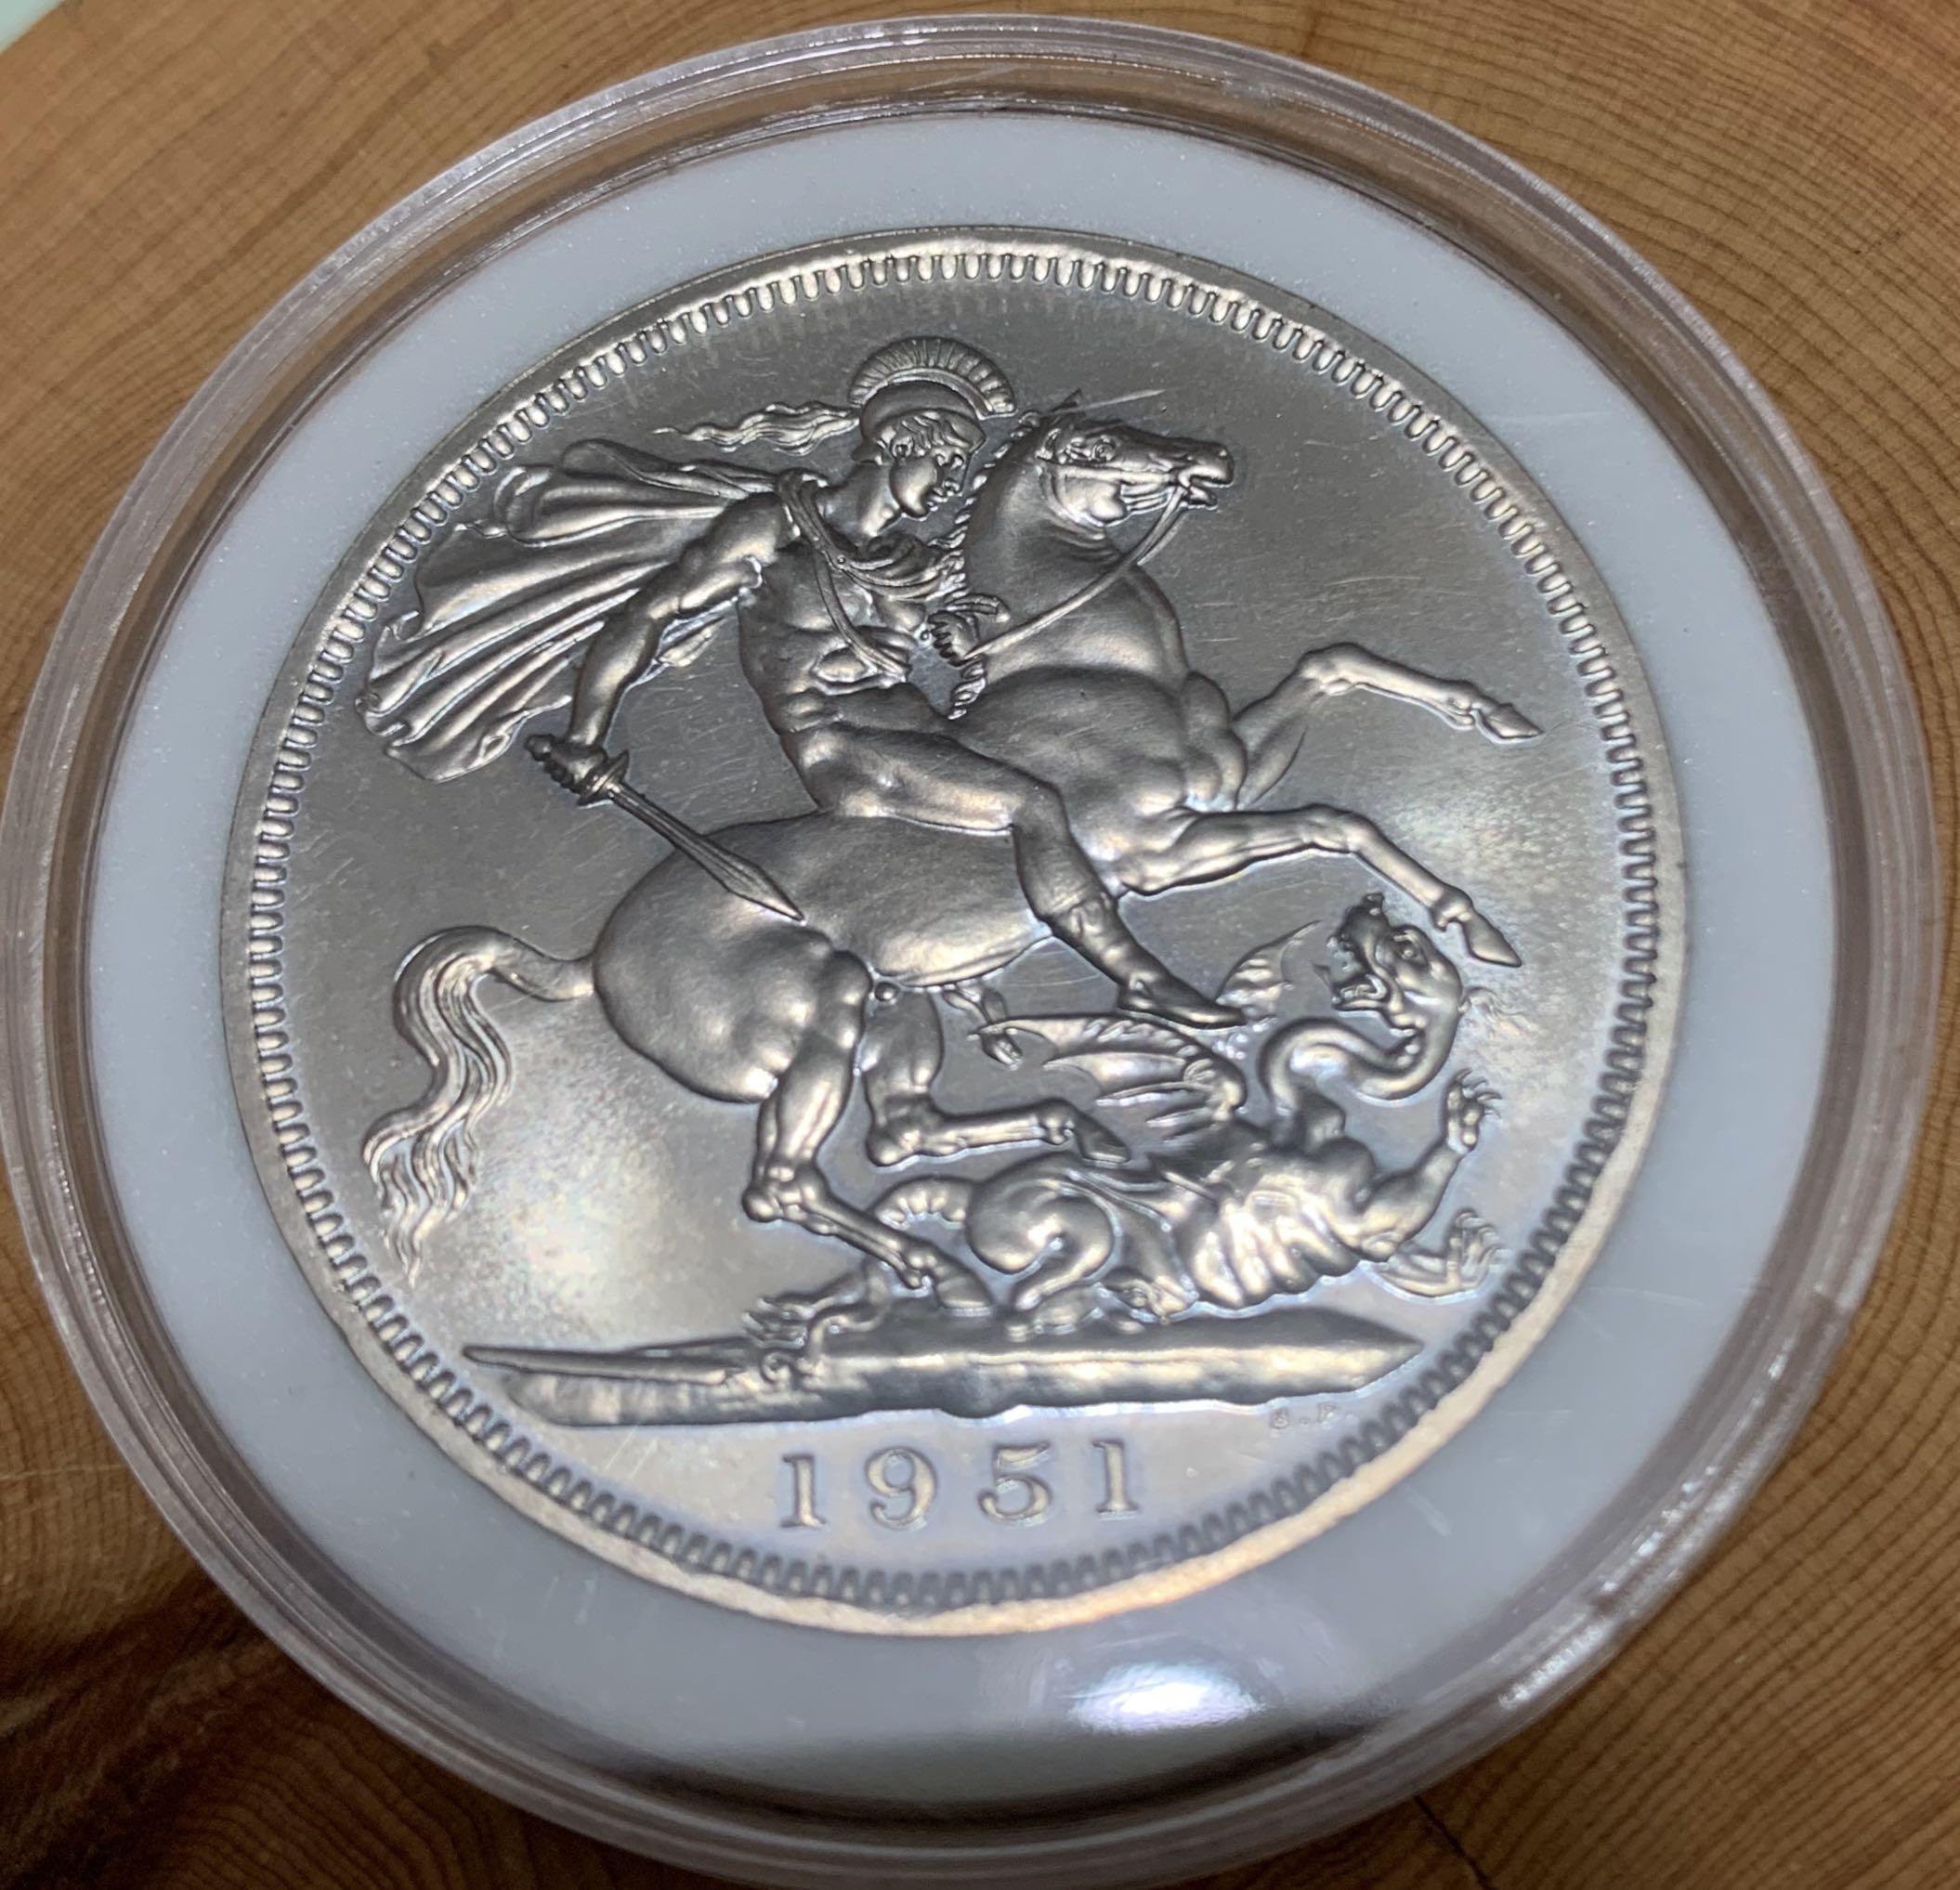 英國喬治六世大馬劍屠龍5先令紀念幣